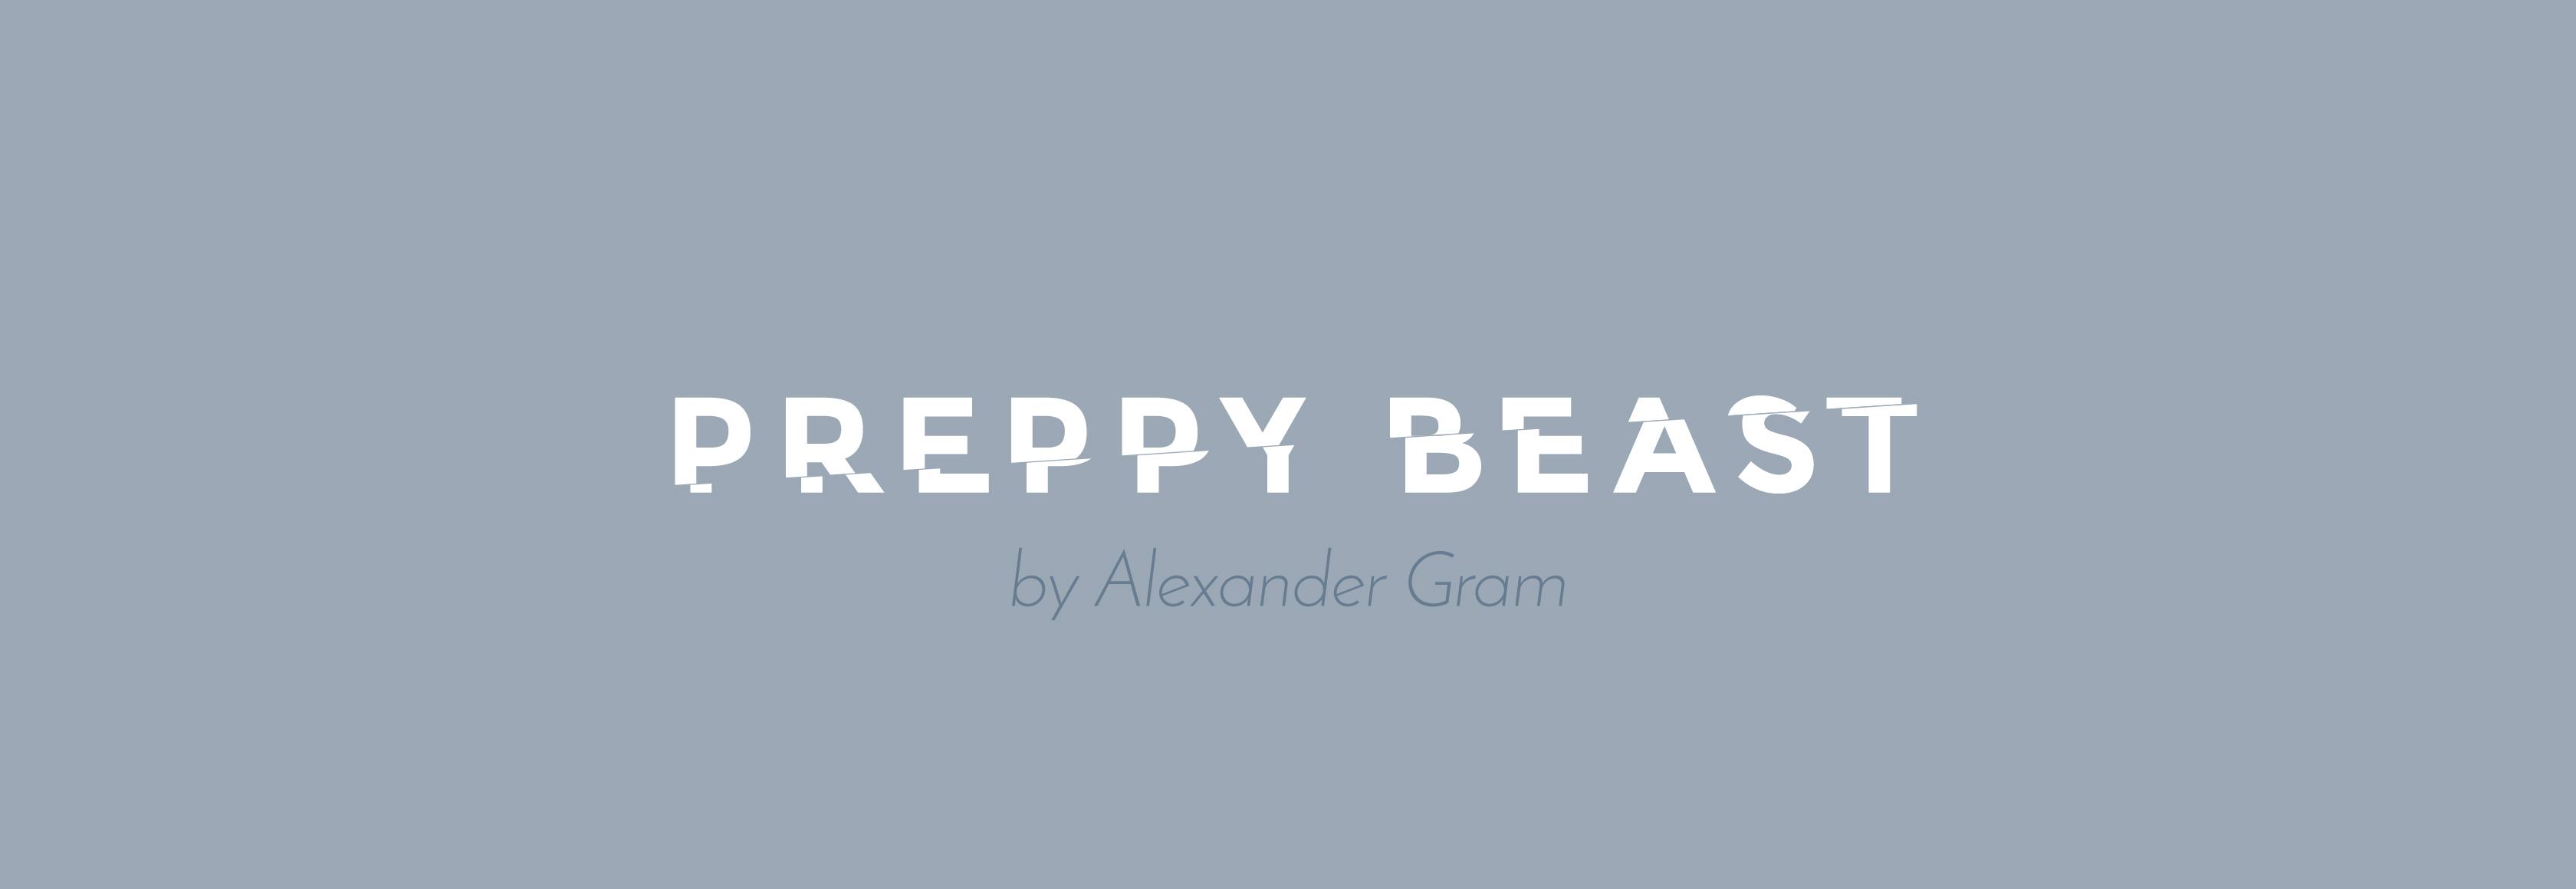 a42b6069 Preppy Beast | Førende herremodeblog af Alexander Gram